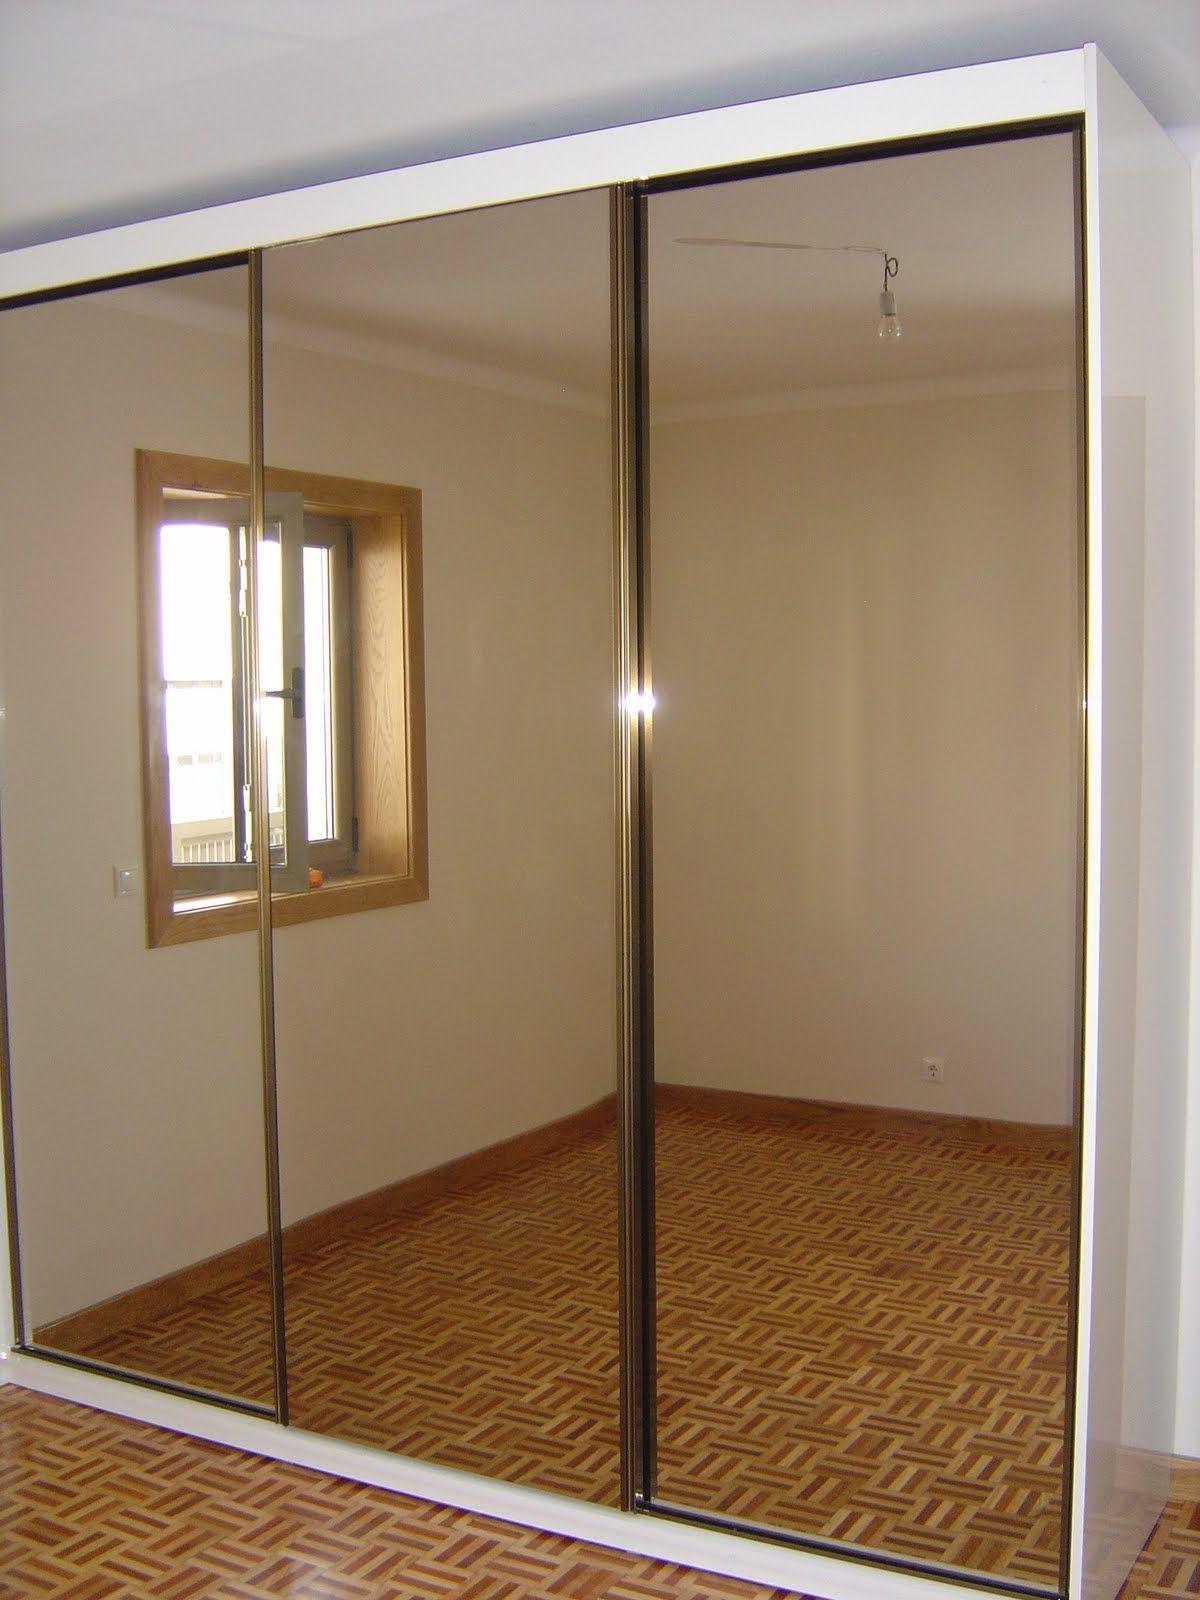 Aparador Em Mdf Branco ~ guarda roupas porta espelho bronze Google Search Decoraç u00e3o Pinterest Armario, Decoración